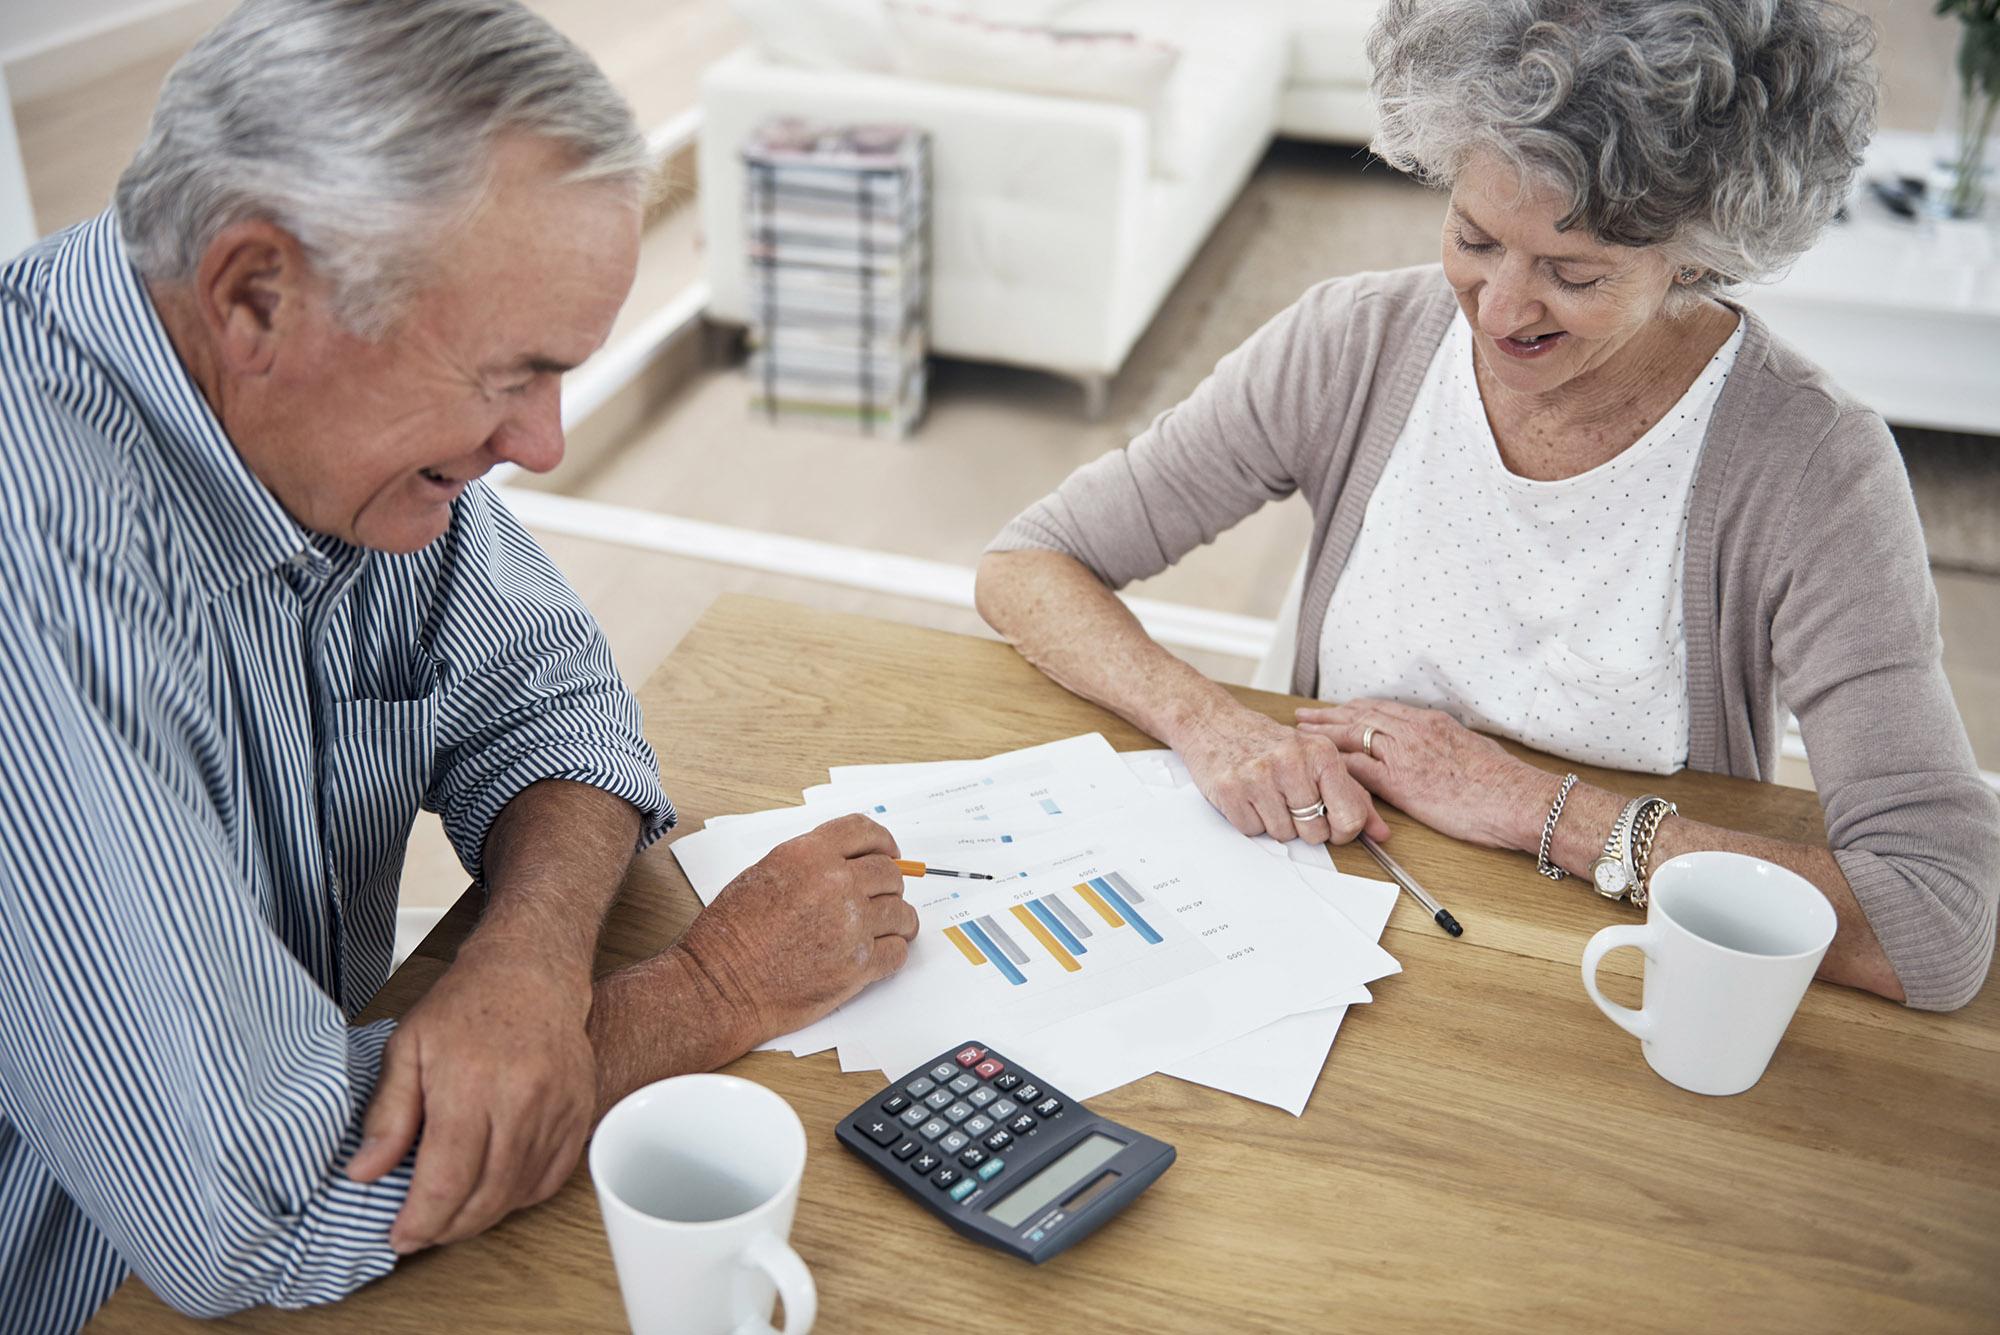 Những điều bạn cần biết để chuẩn bị cho việc chăm sóc cha mẹ khi về già - Ảnh 4.